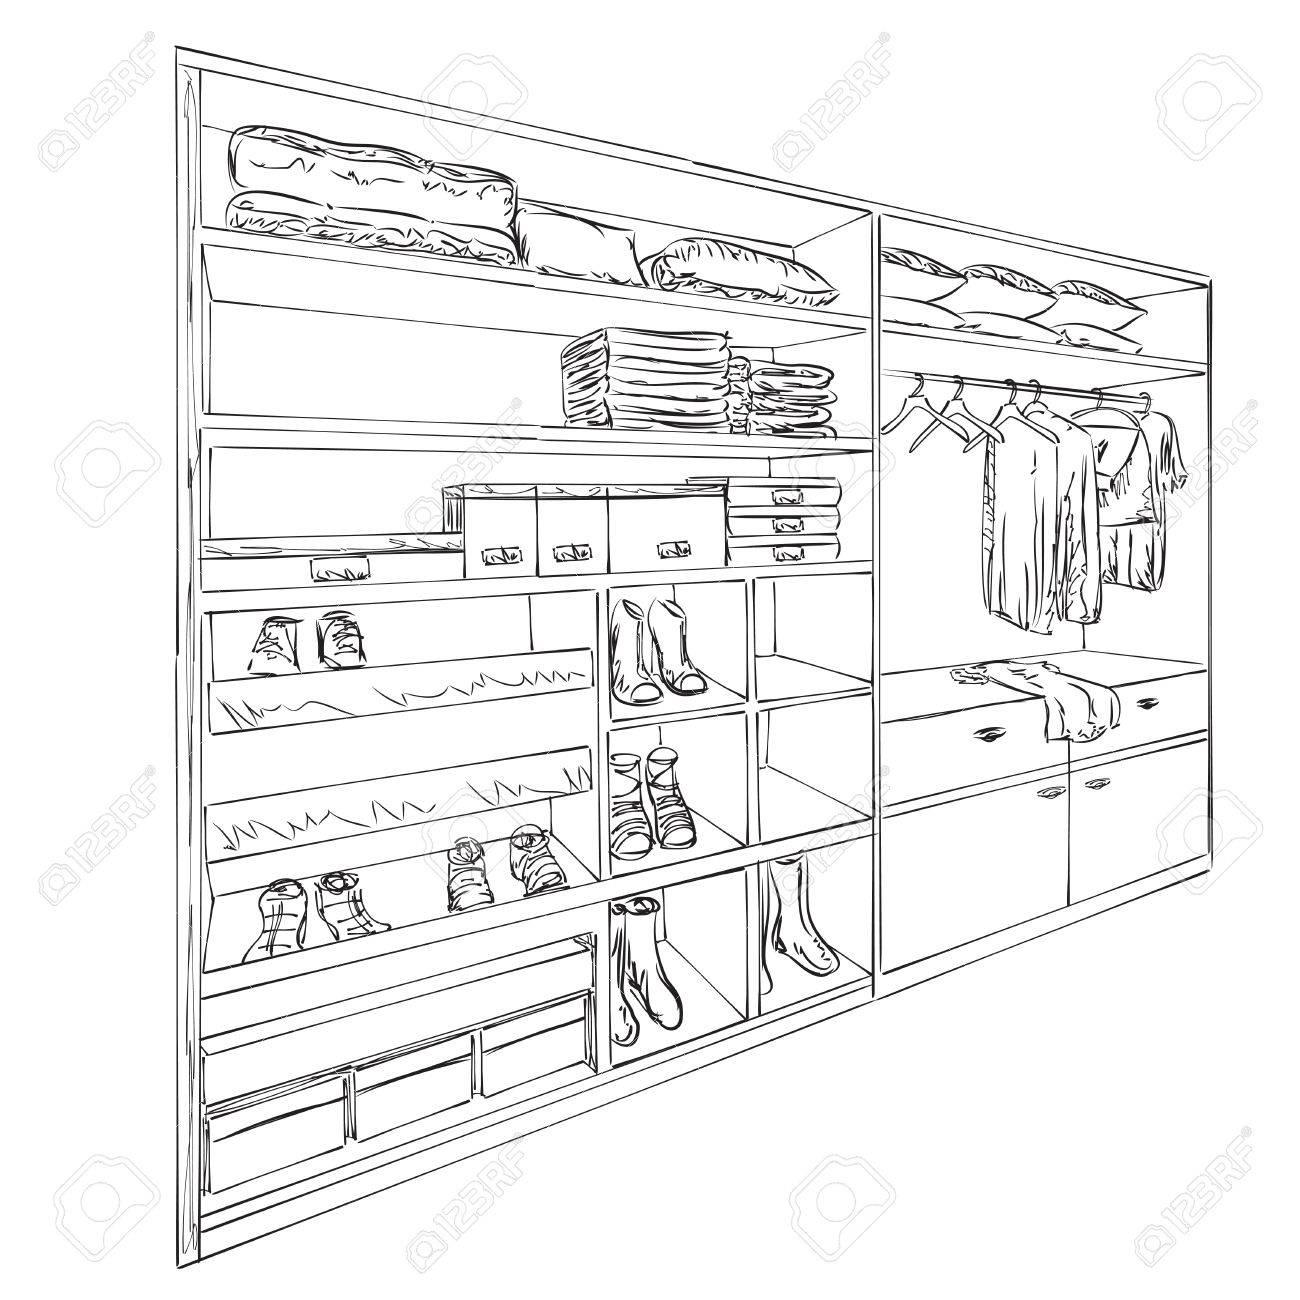 Kleiderschrank gezeichnet  Schrank Gezeichnet | jject.info